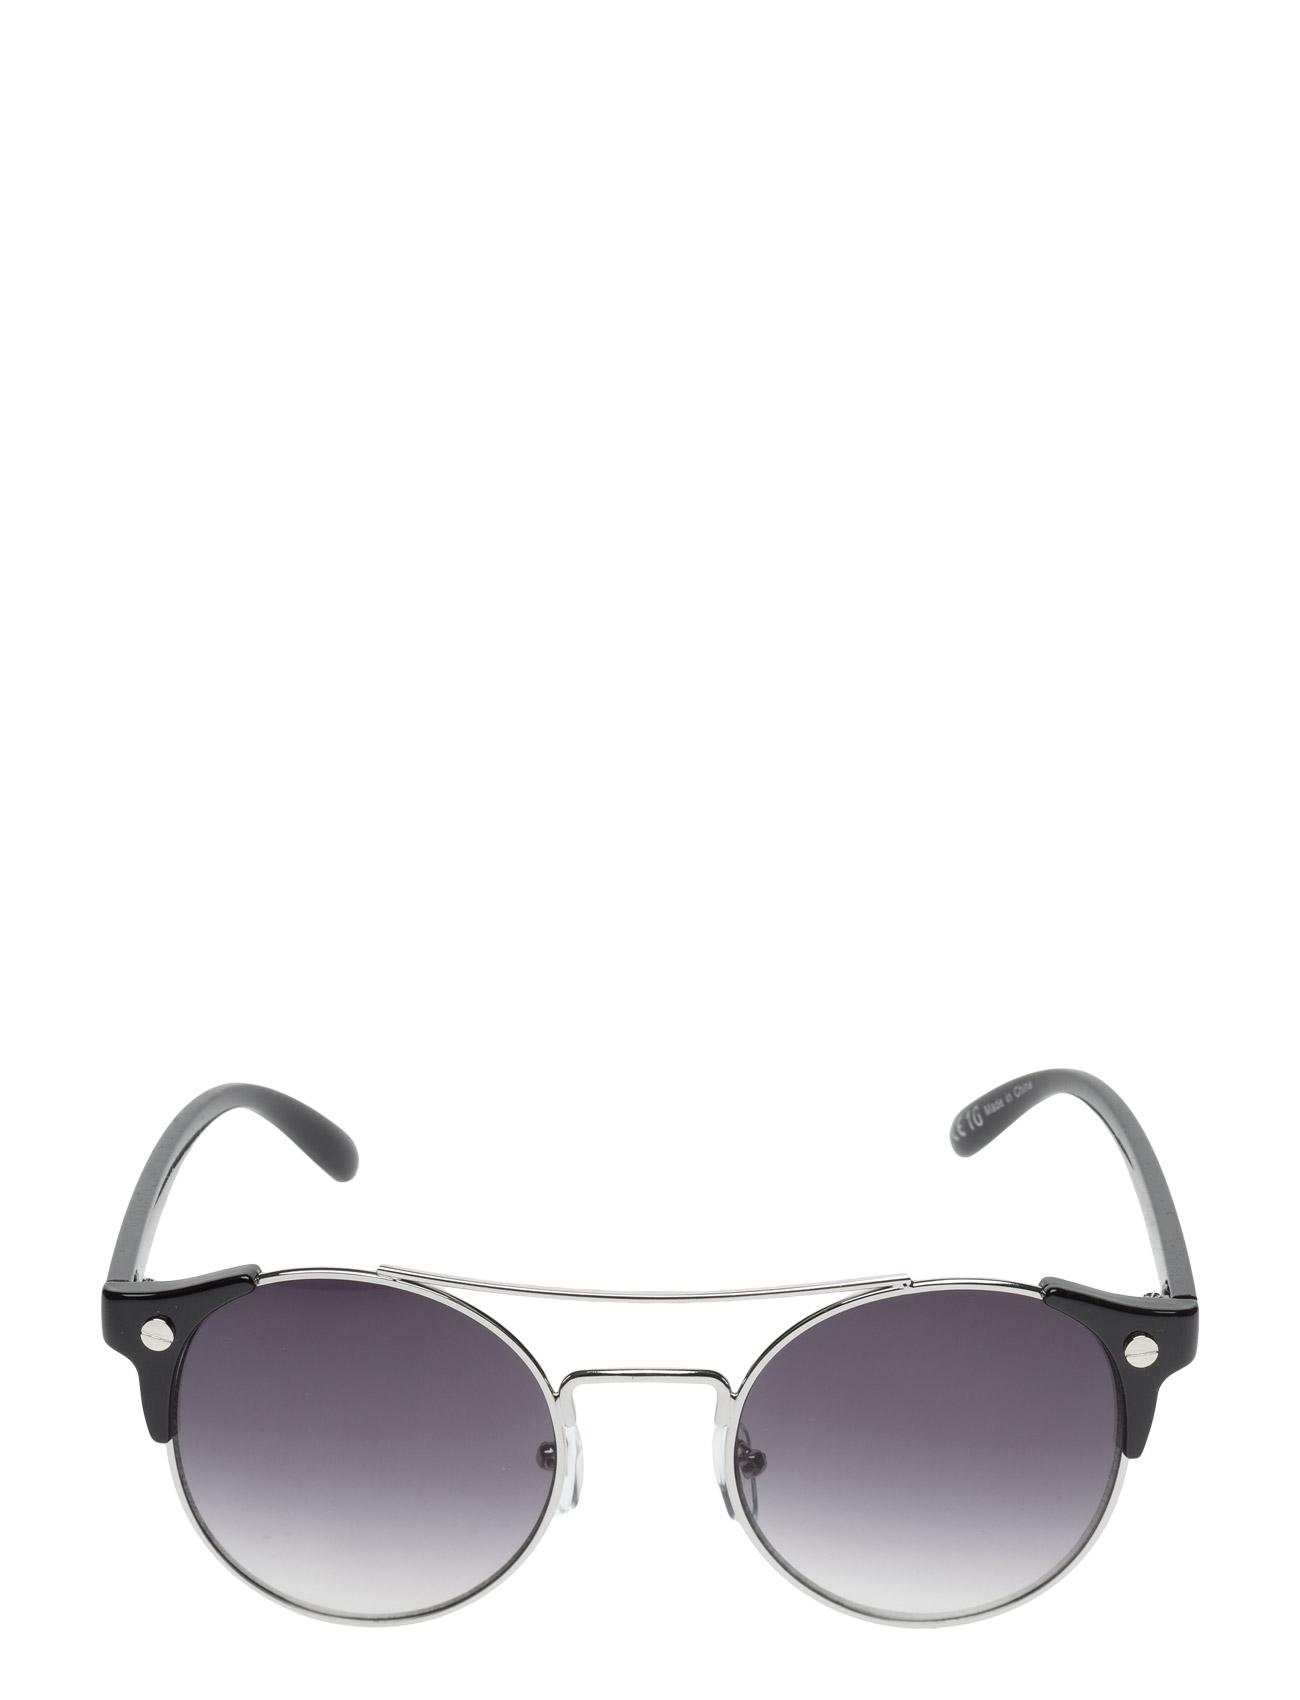 Contrast Arm Sunglasses Mango Solbriller til Kvinder i Sort